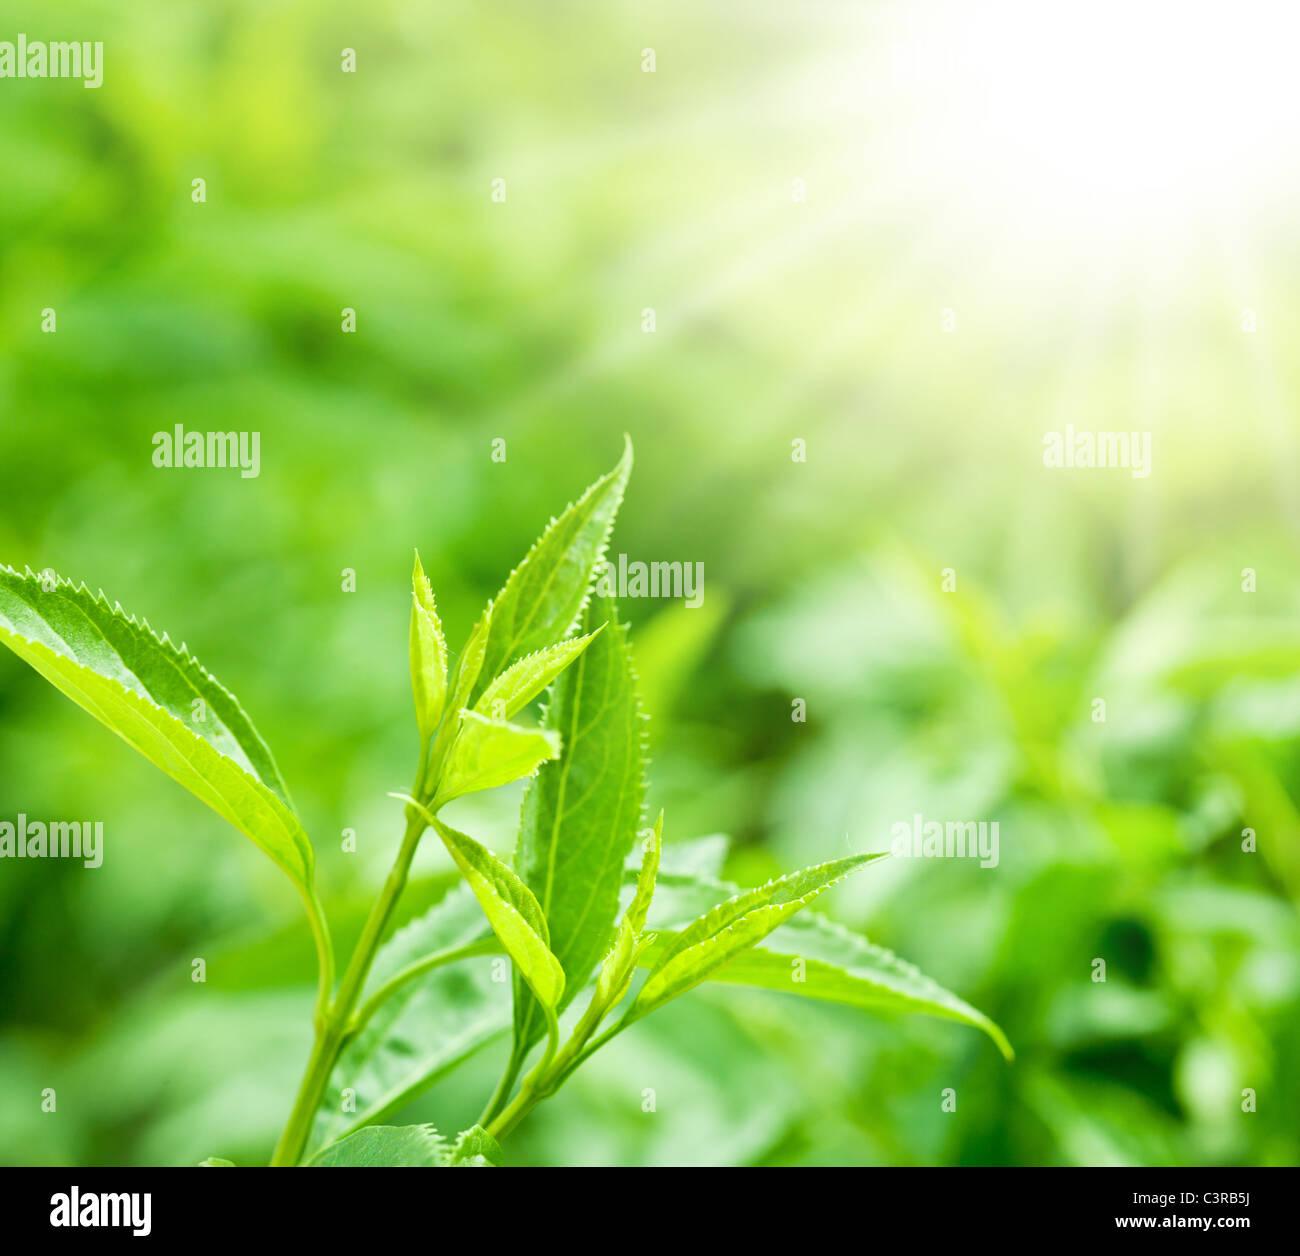 Le foglie di tè in una piantagione nei fasci di luce del sole. Immagini Stock